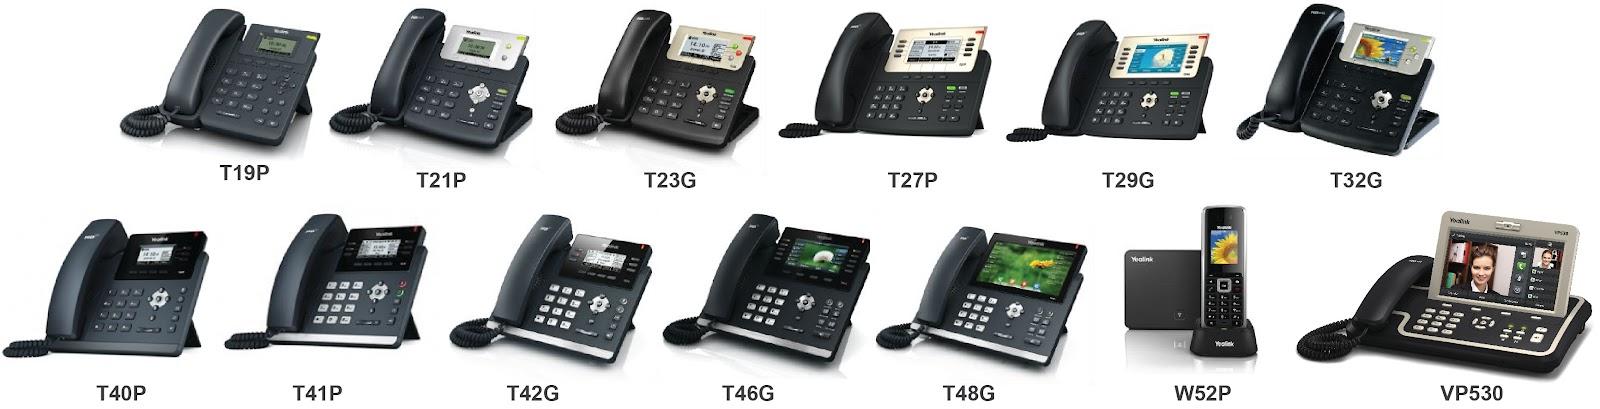 T1X, T2X, T3X, T4x, W52P VP530 Series.jpg